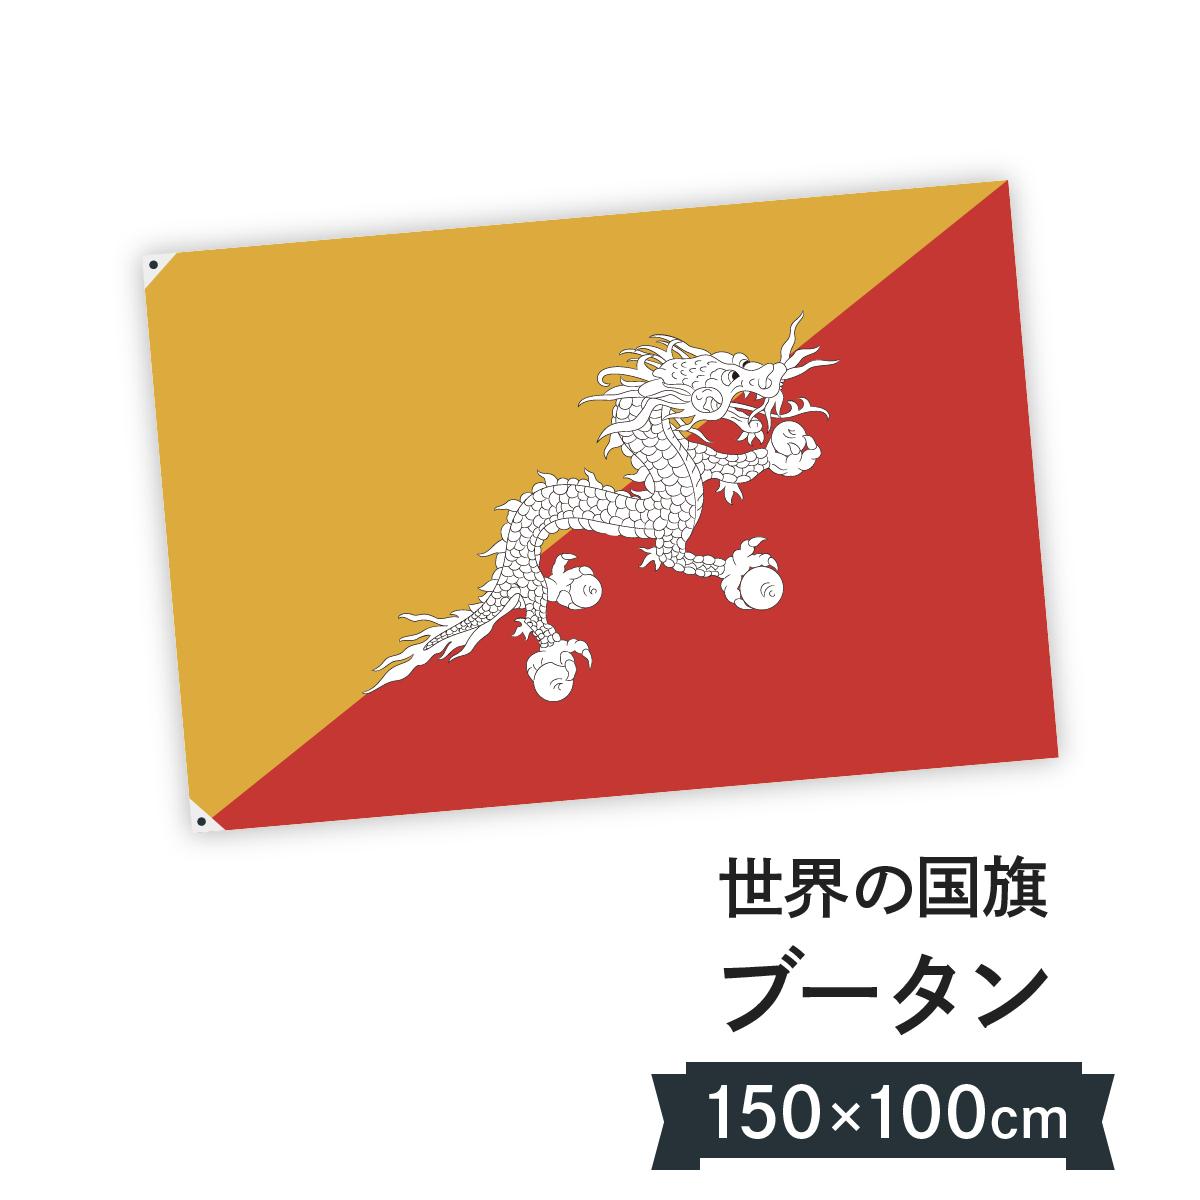 ブータン王国 国旗 W150cm H100cm